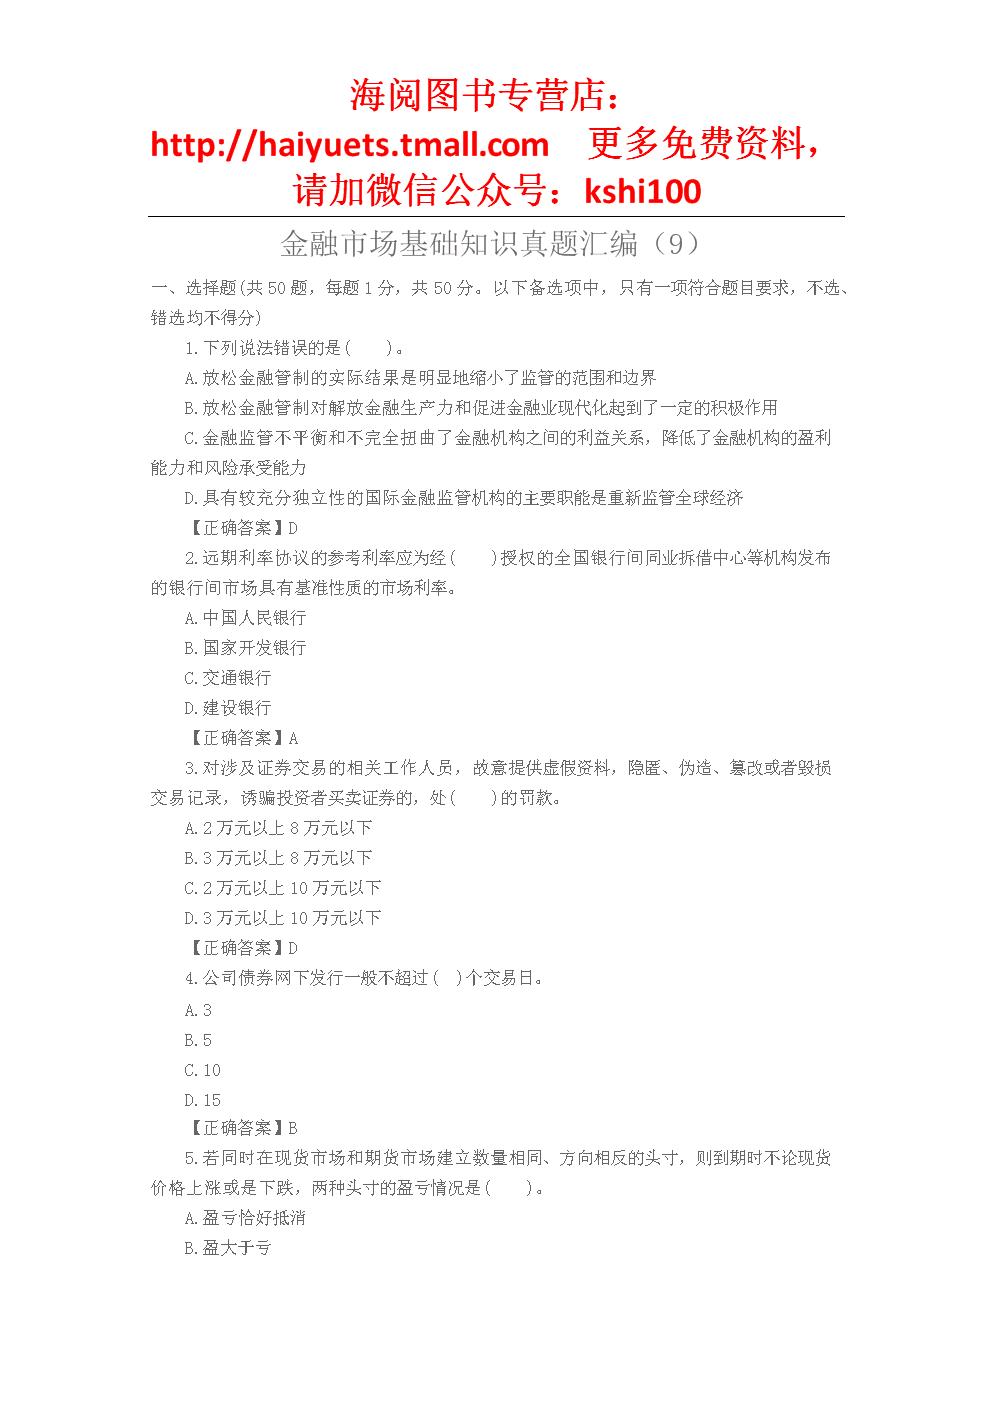 金融市场基础知识真题汇编 (9).docx